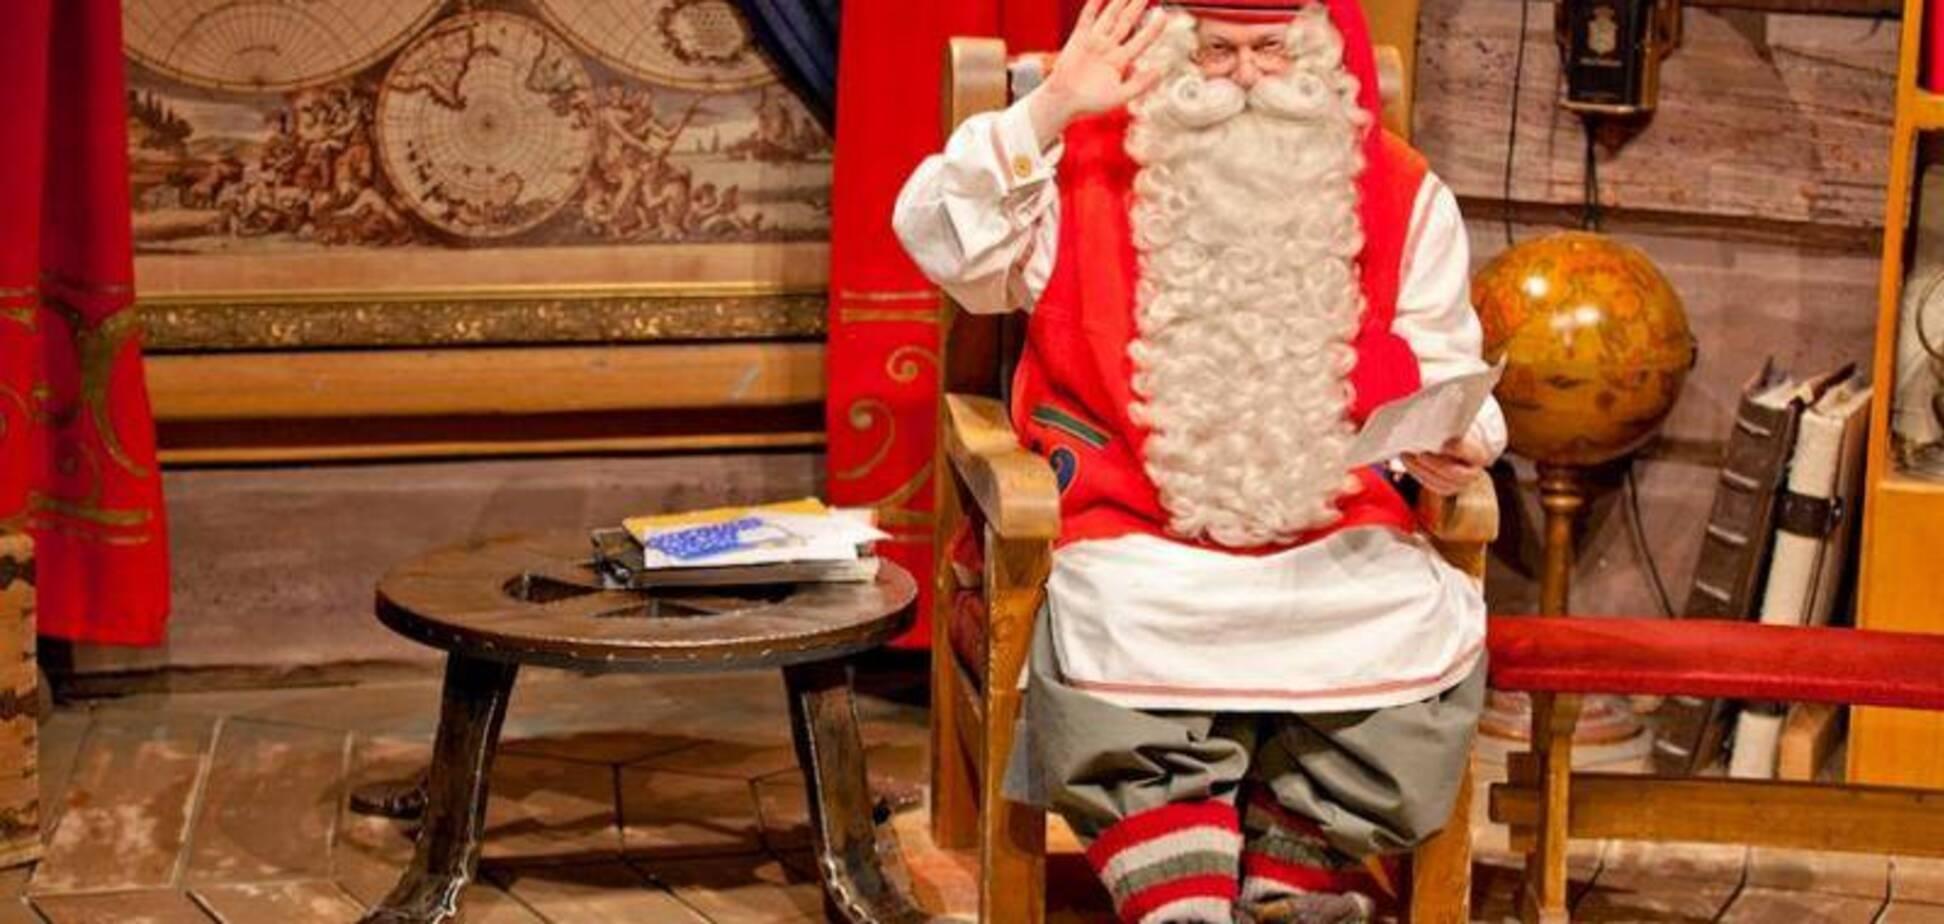 Сколько зарабатывает Санта Клаус